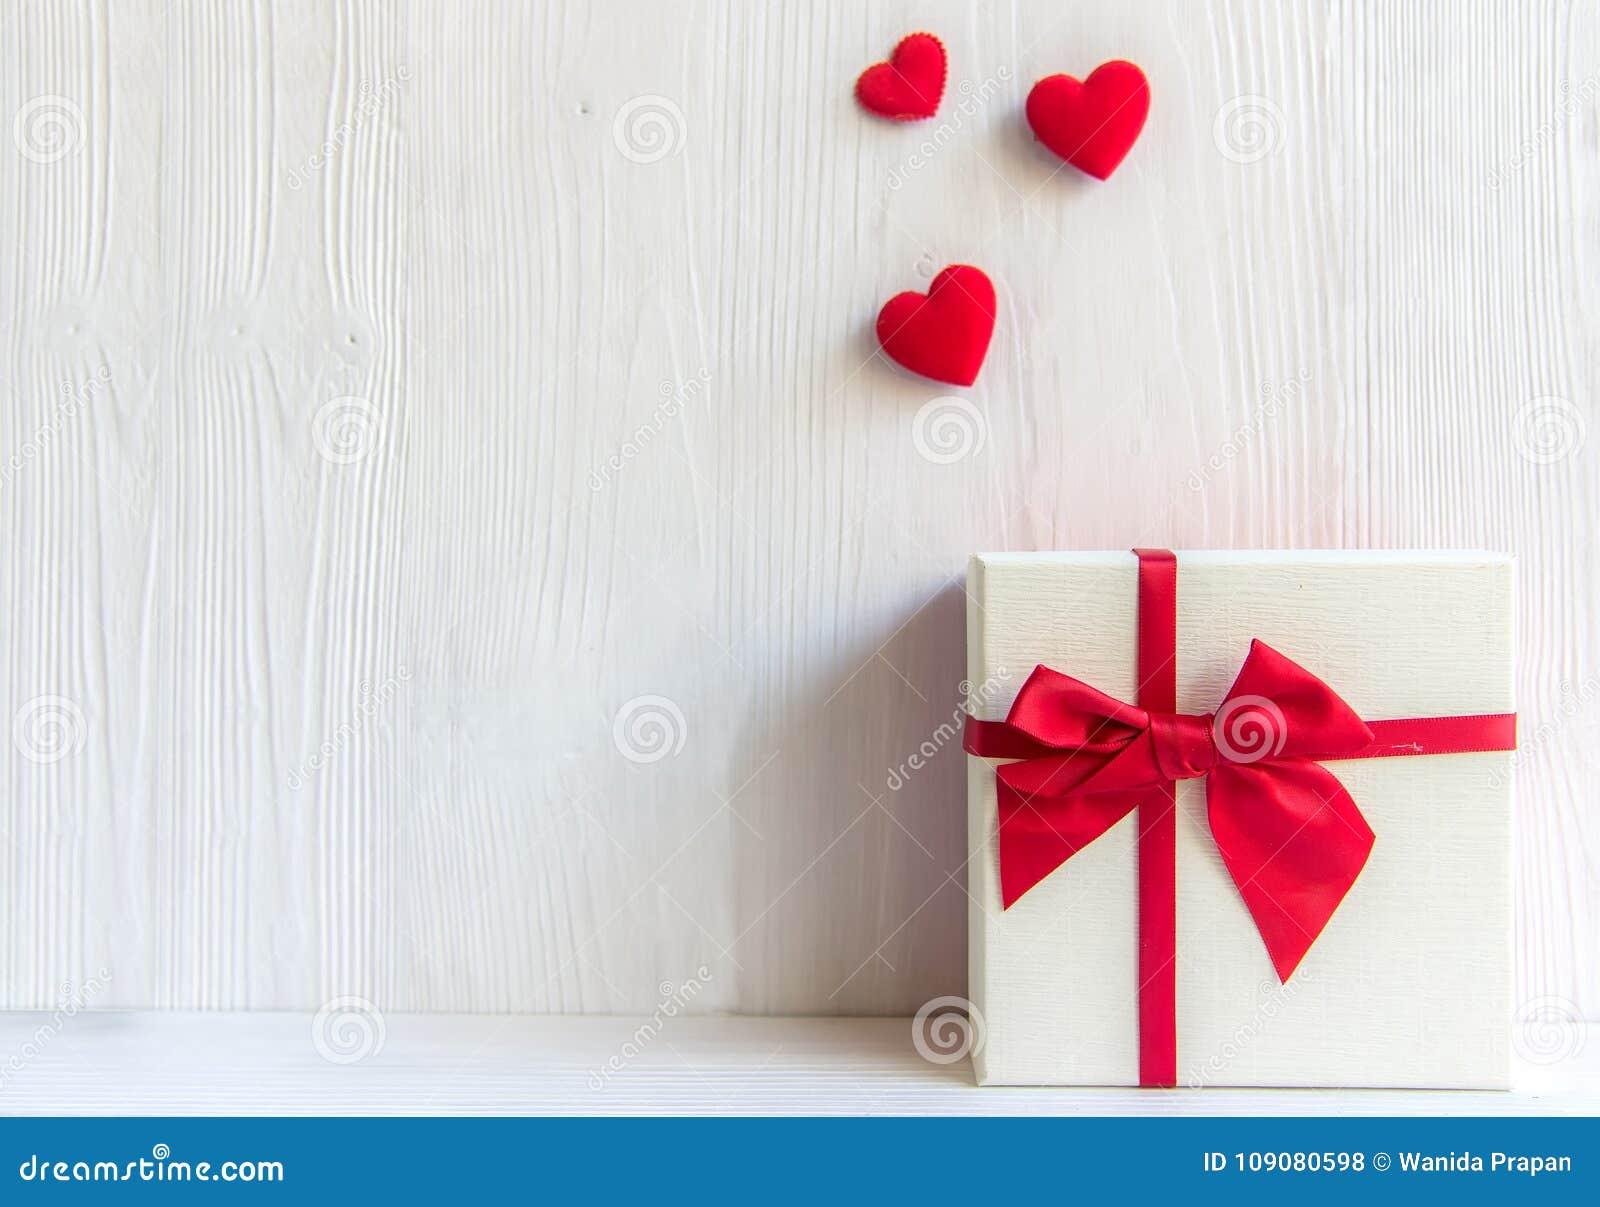 Caixa de presente branca do dia de Valentim com uma curva vermelha no fundo branco da parede,